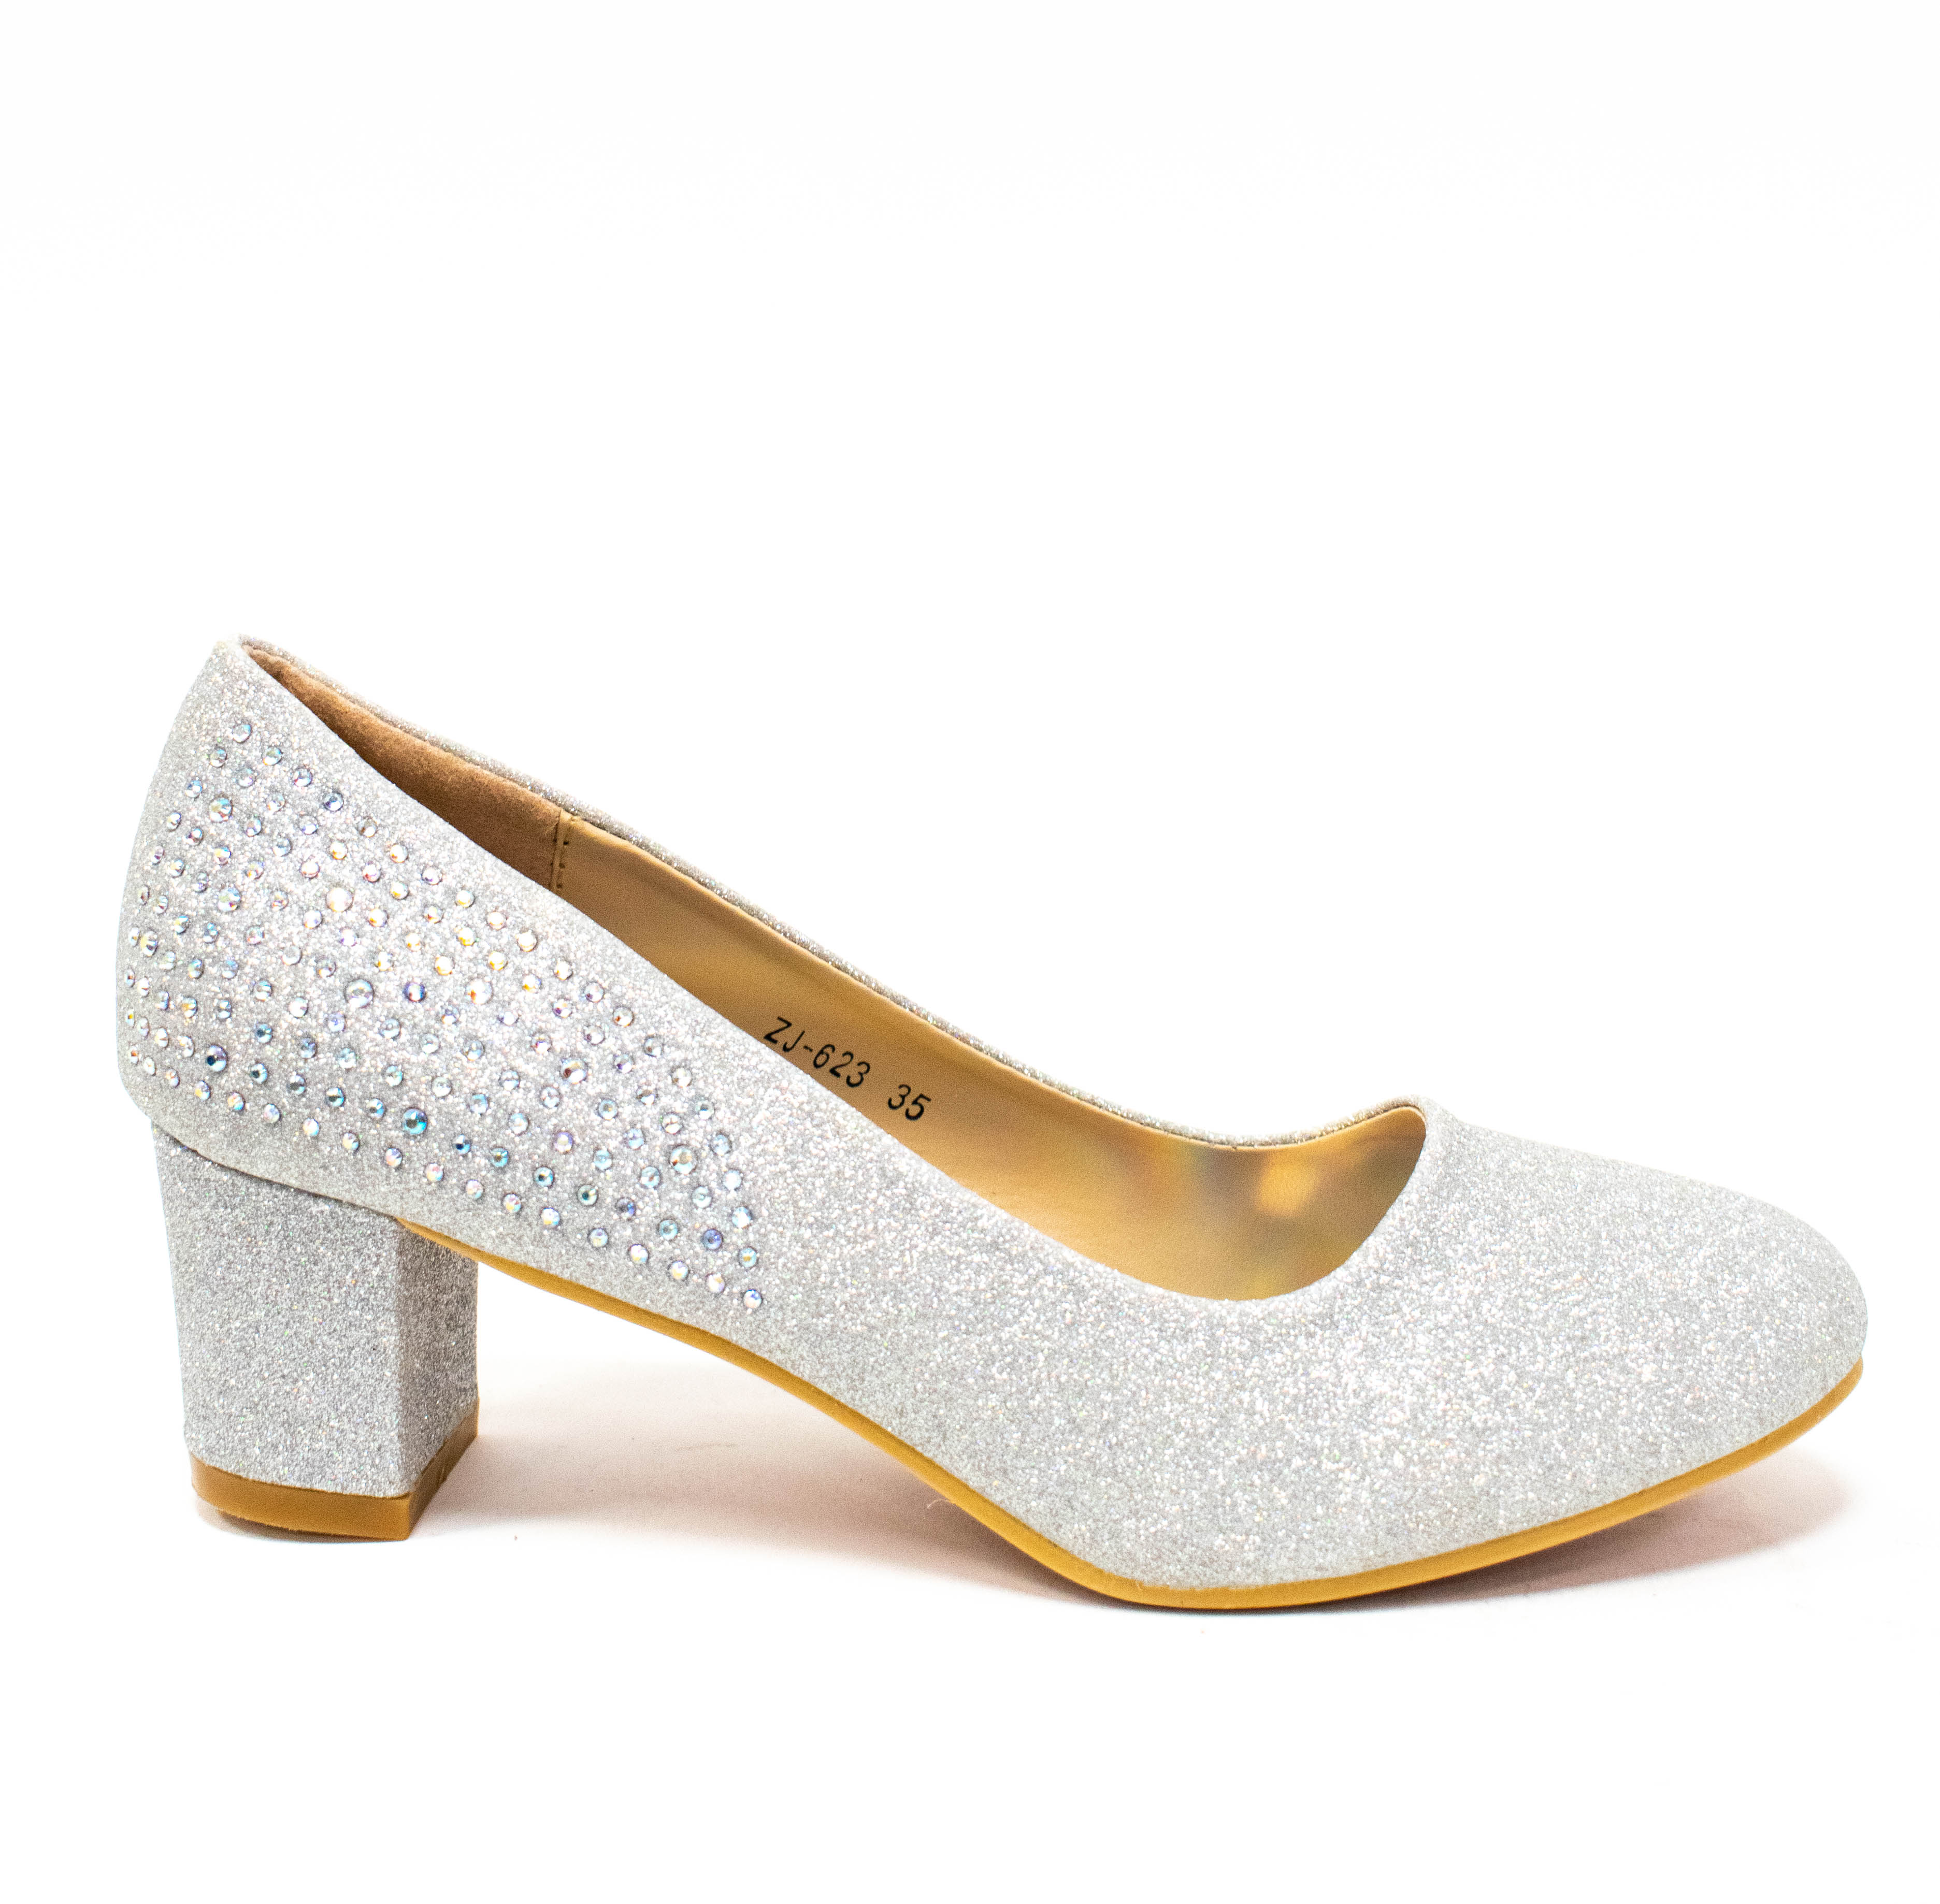 Silberer Schuh mit Glitzer und Strass